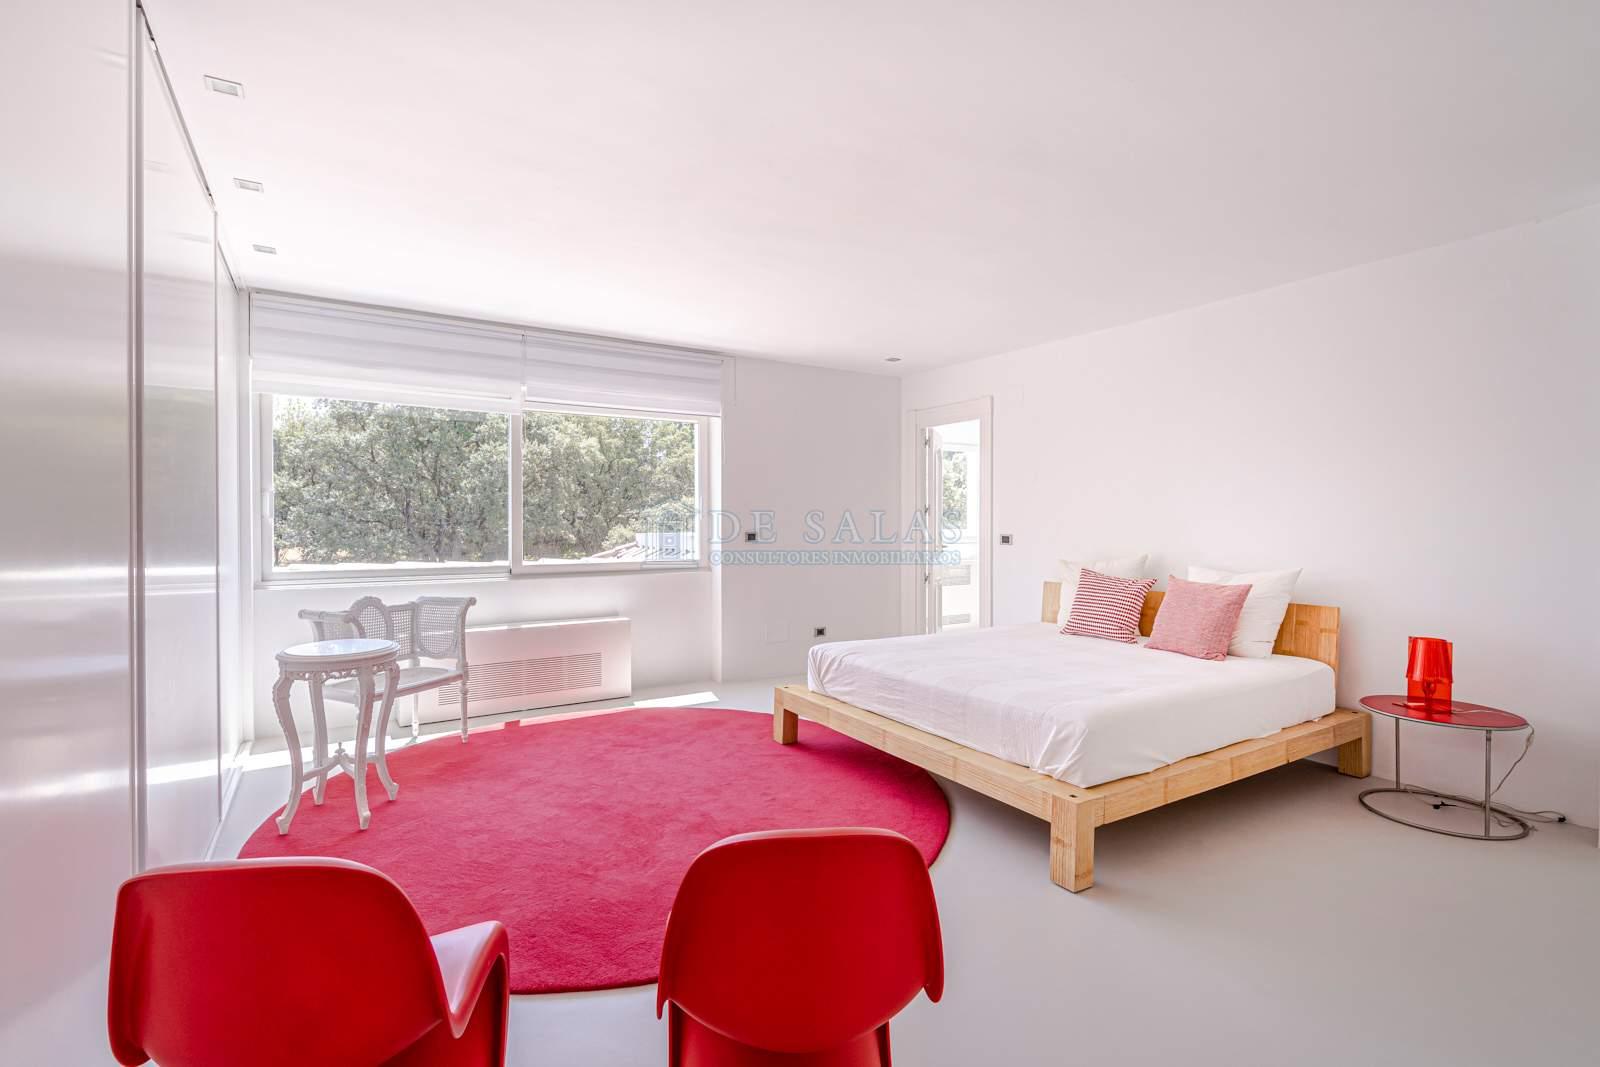 Dormitorio-0026 House La Moraleja